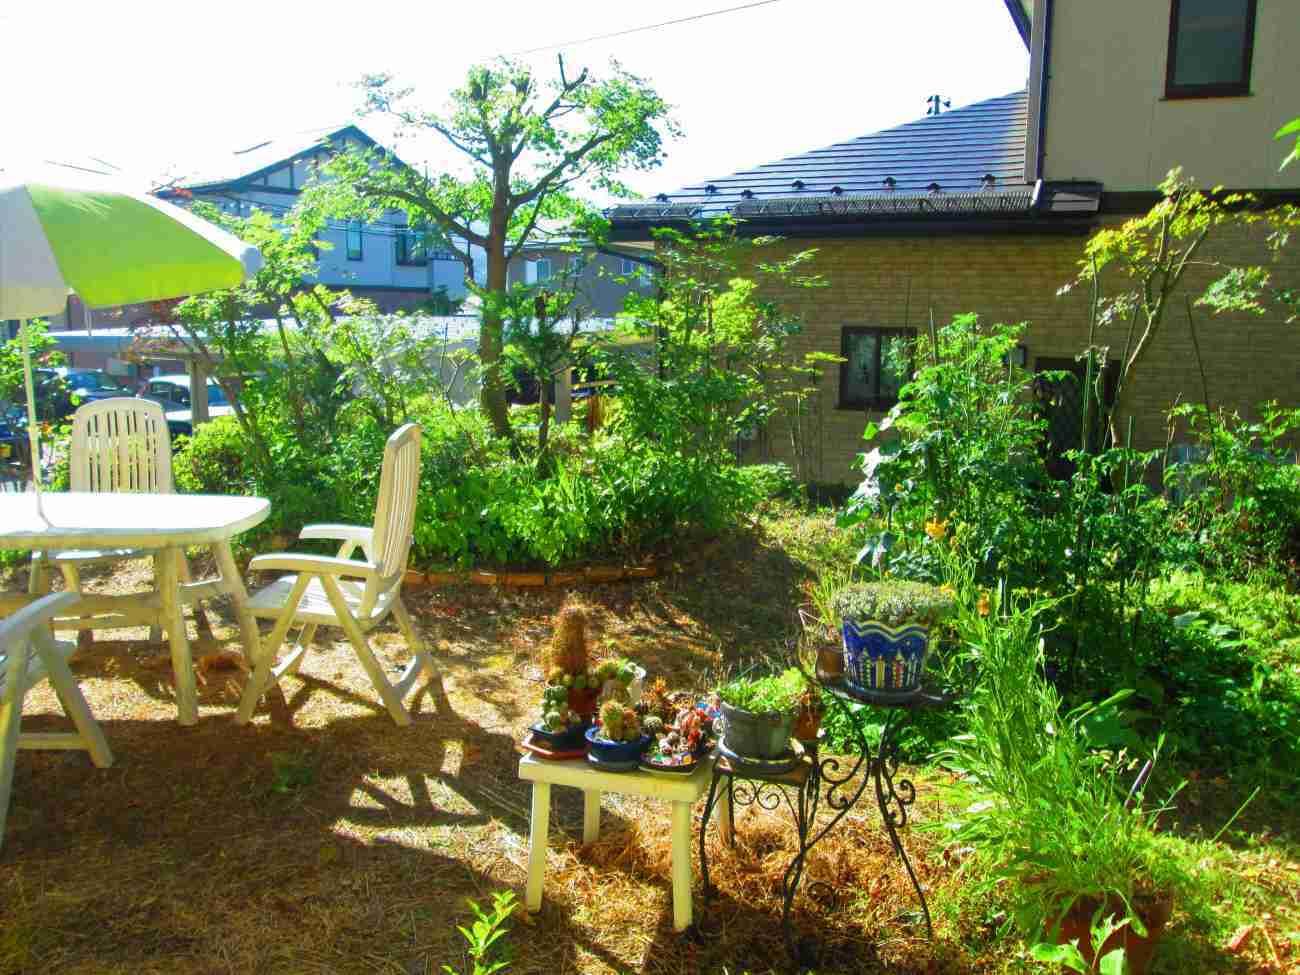 ジャングルだった庭が、きれいに明るくなりました_d0159273_08273615.jpg